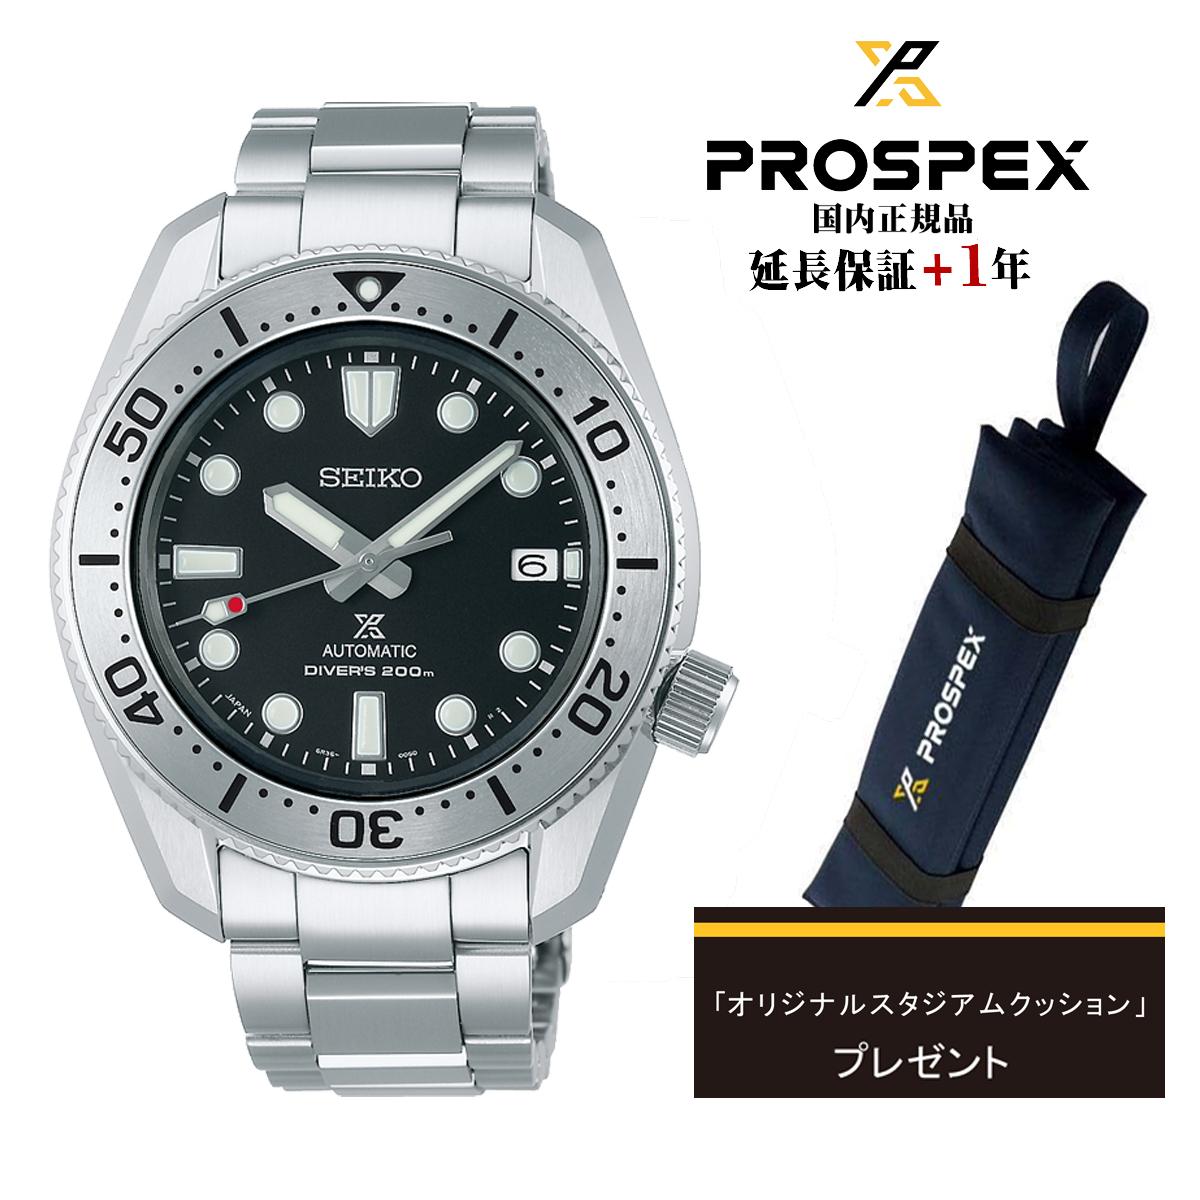 正規品 送料無料 機械式 メンズ メーカー公式ショップ 今ならオリジナルボトルプレゼント プロスペックス PROSPEX SBDC125 セイコー コアショップ限定モデル SEIKO 卓越 ダイバースキューバ 腕時計